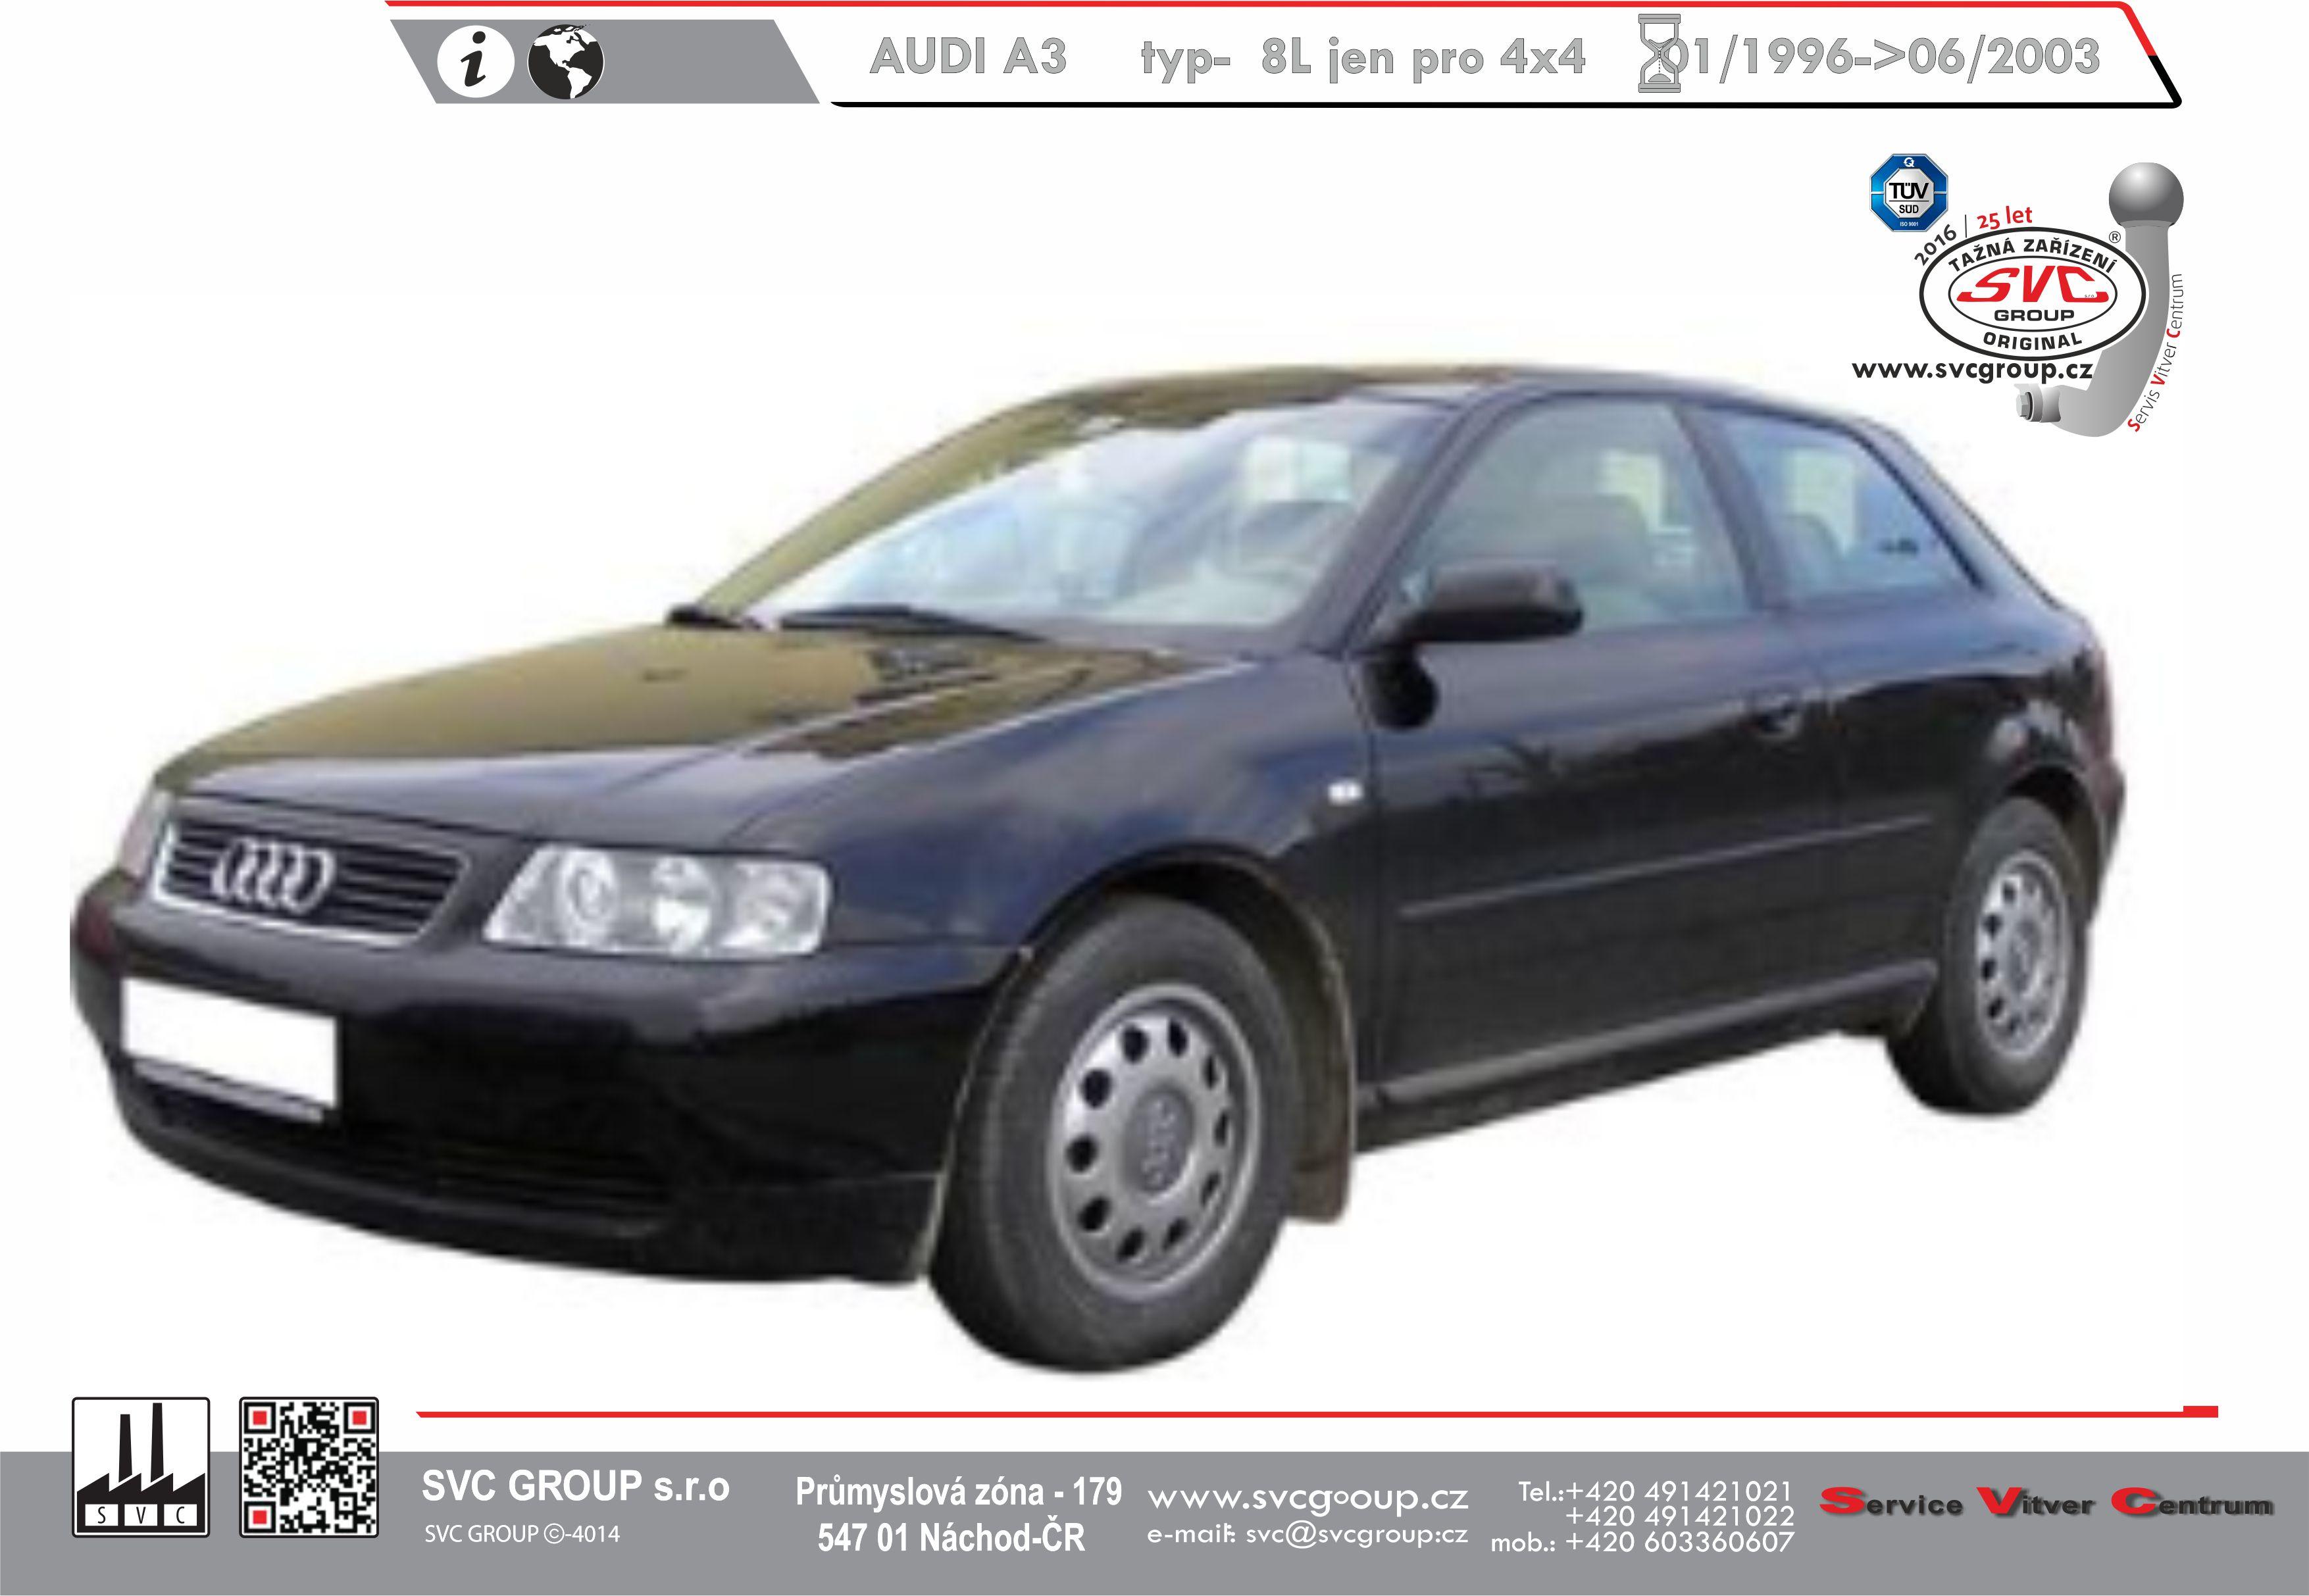 Audi A3 Hatchback pro 4x4  (1999->2003)